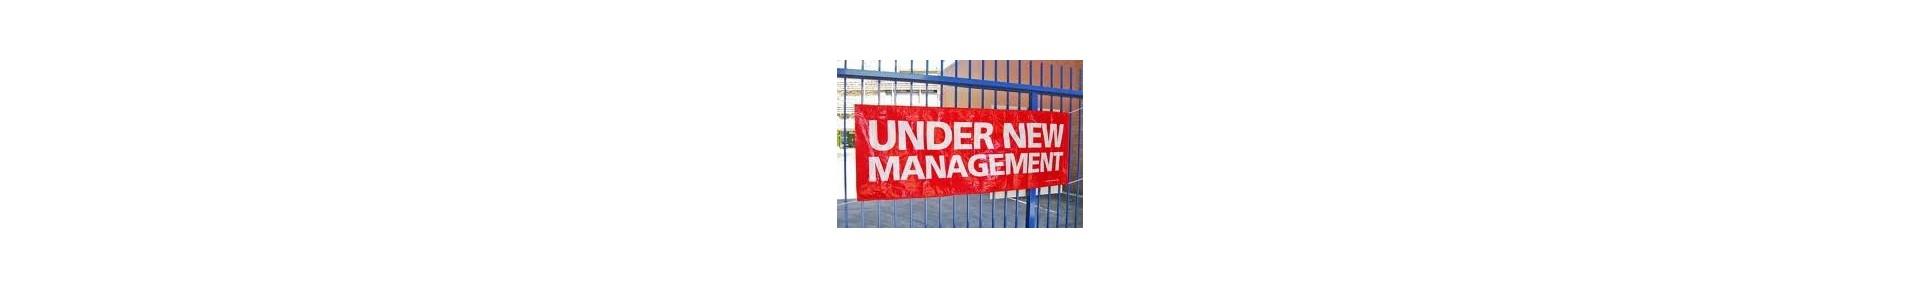 under new management outdoor vinyl banner